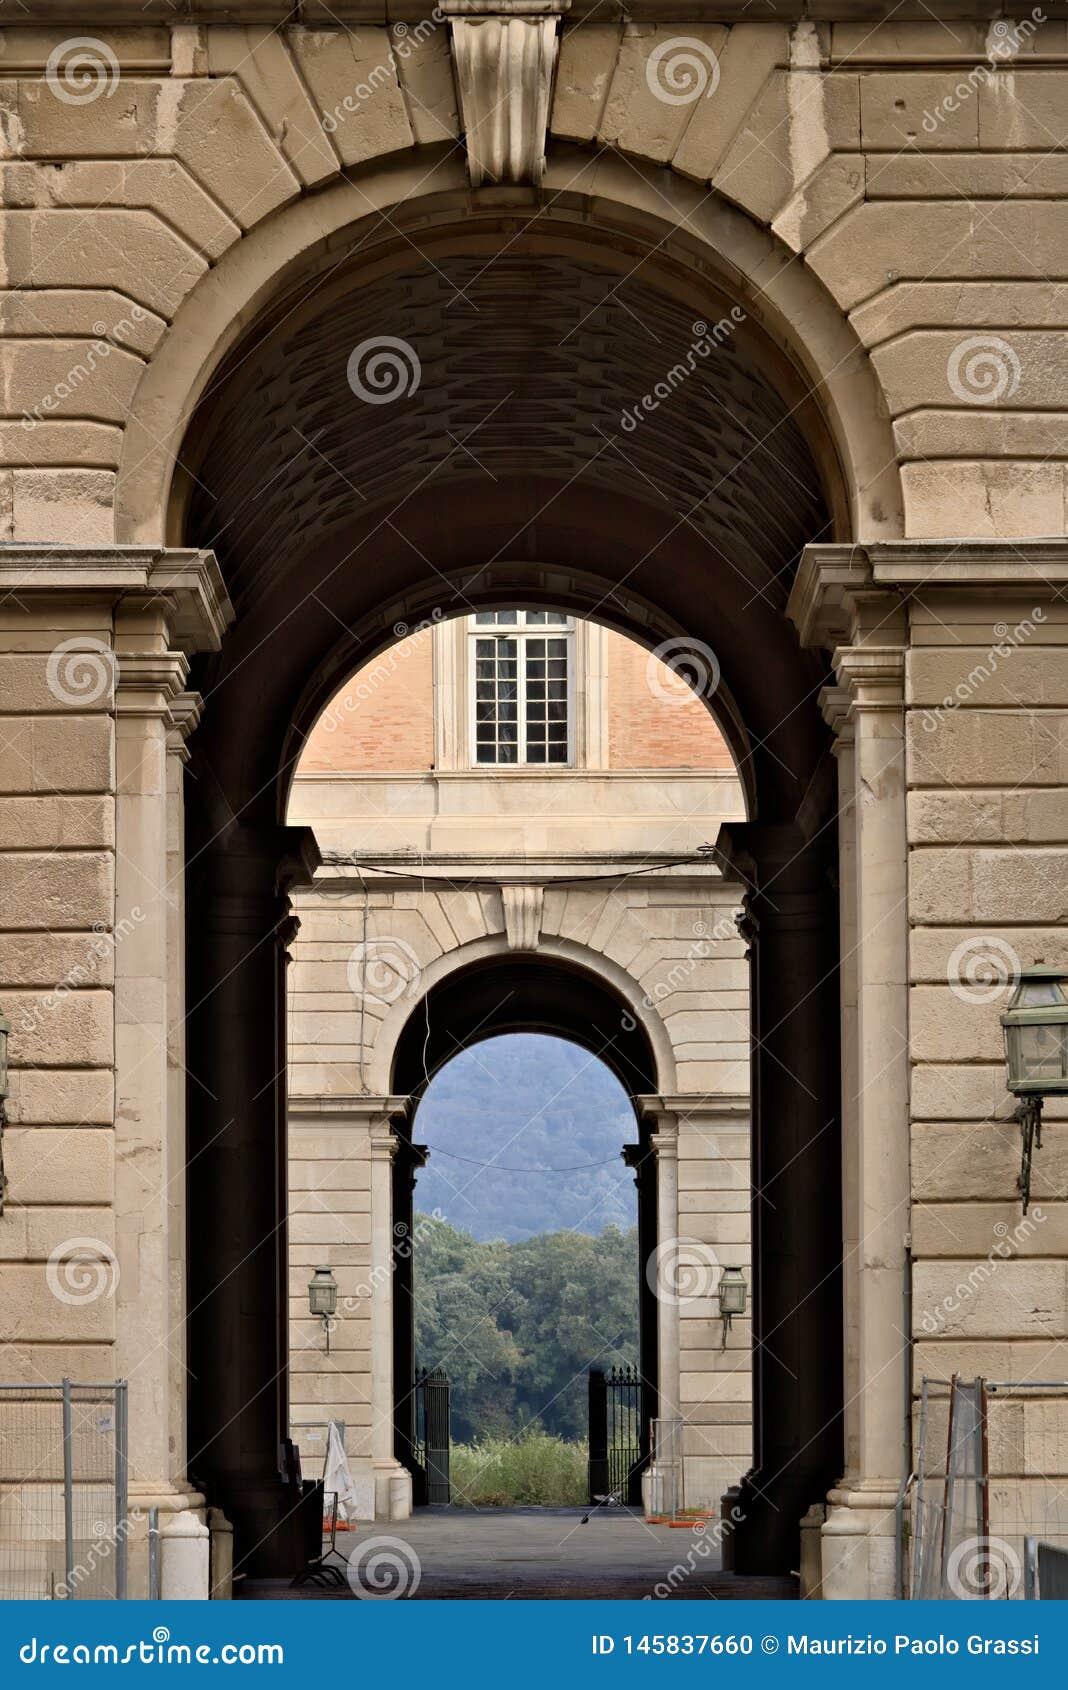 卡塞尔塔,意大利 27/10/2018 对卡塞尔塔意大利奥斯陆王宫的庭院的通入门